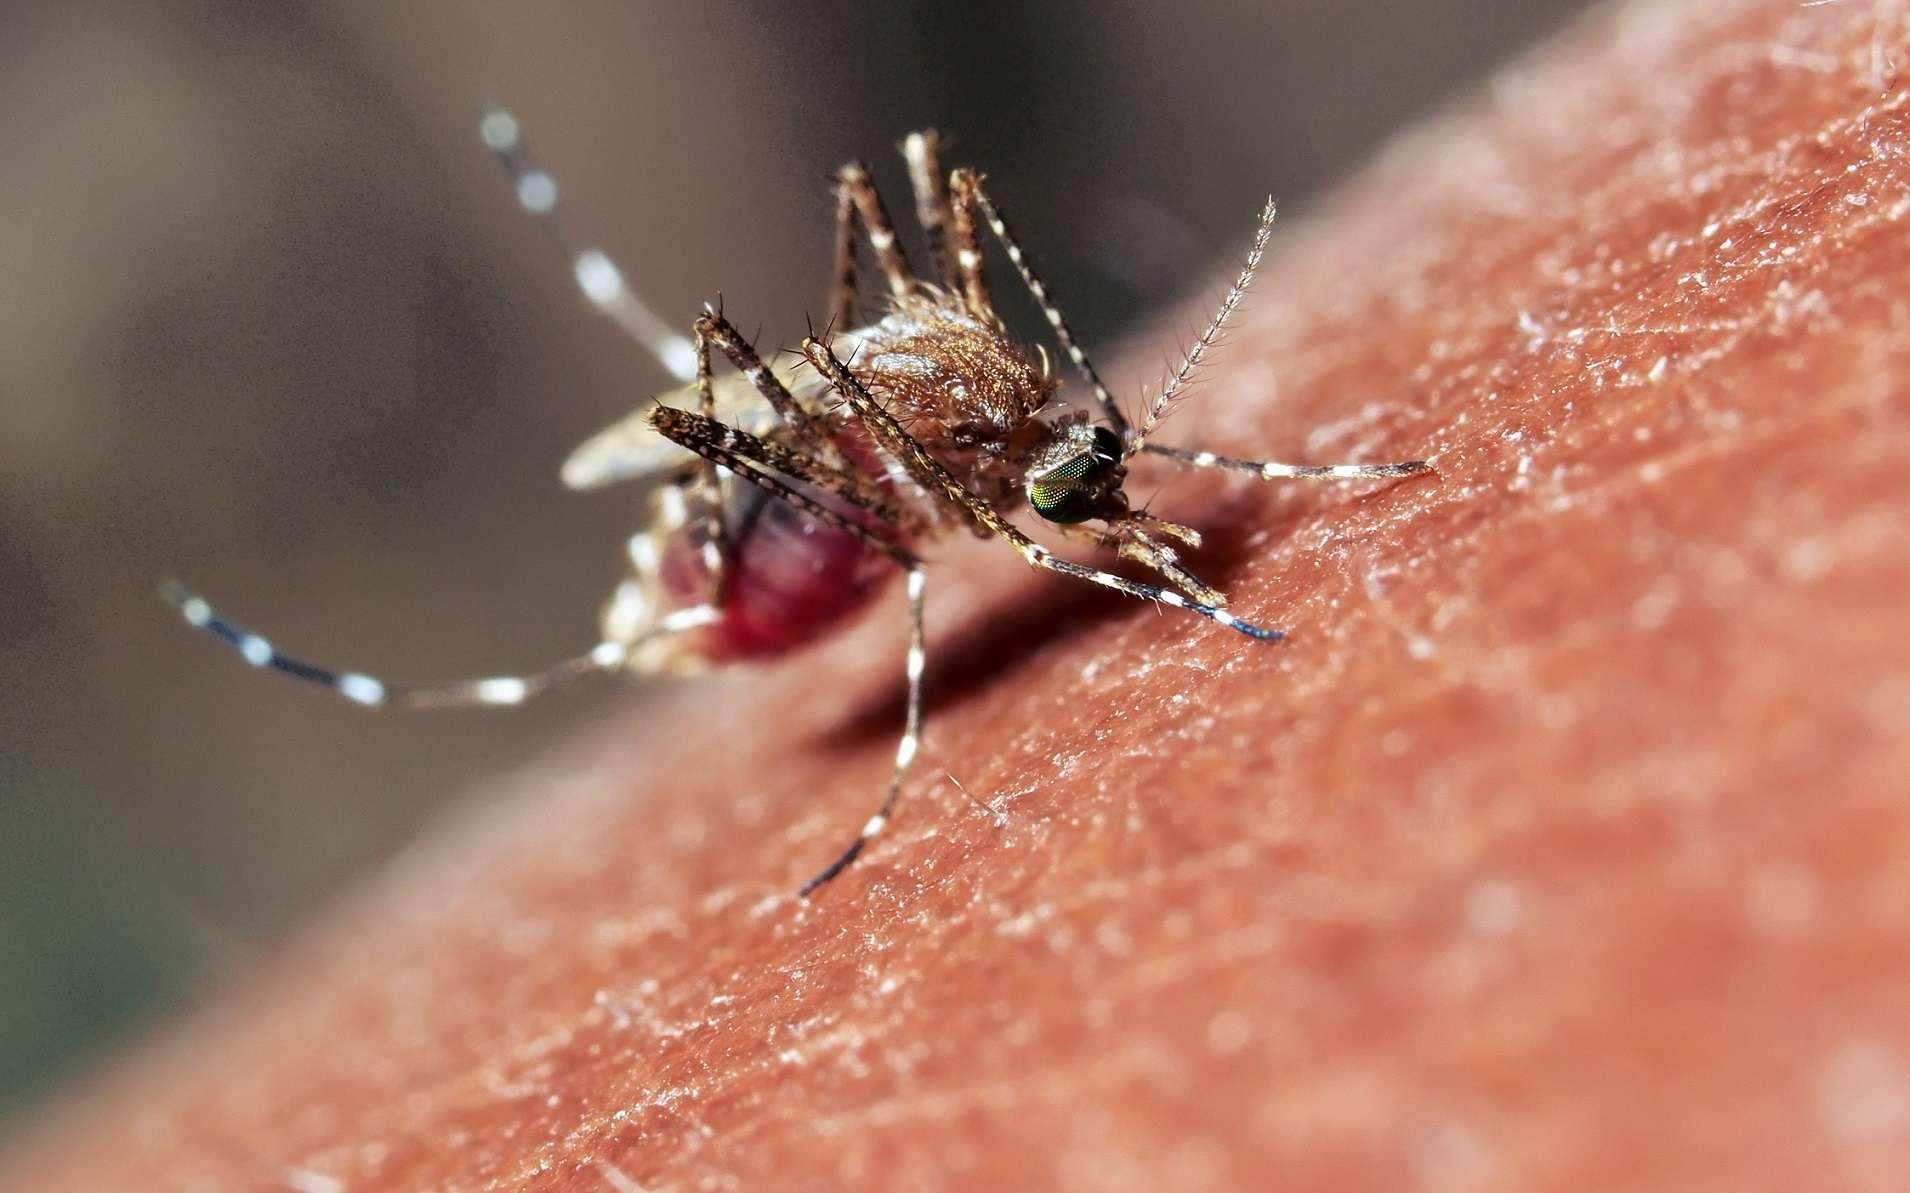 Les arbovirus sont transmis par des arthropodes piqueurs comme les moustiques. © Amir Ridhwan, Shutterstock